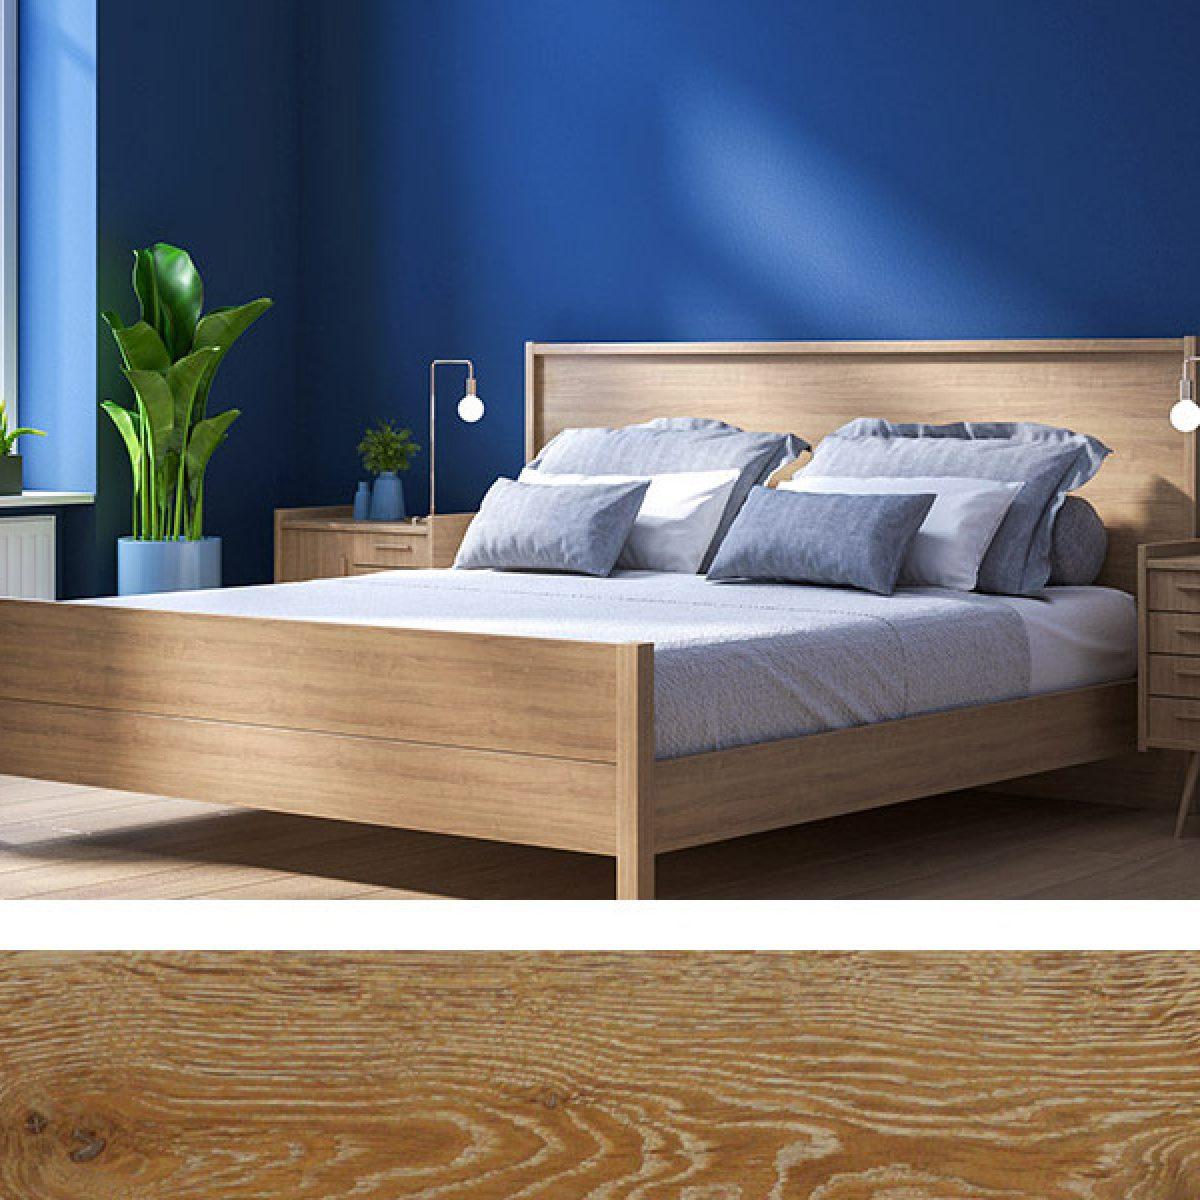 Sunstone brown wood flooring with Pantone Classic Blue in Bedroom